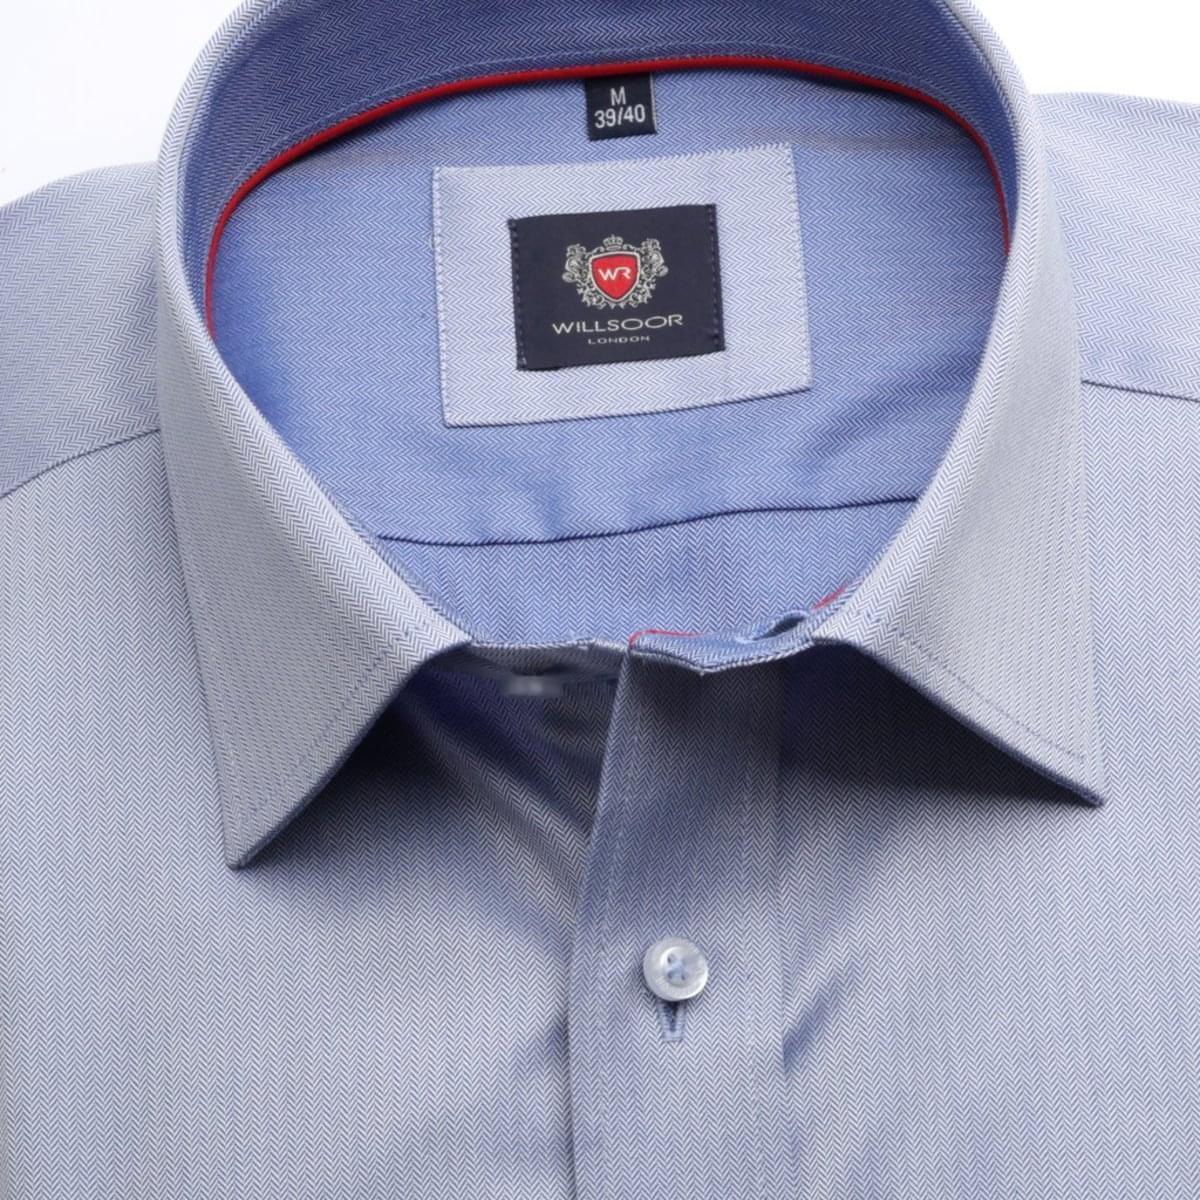 Pánská klasická košile London (výška 176-182) 6890 v modré barvě s formulí Easy Care 176-182 / L (41/42)